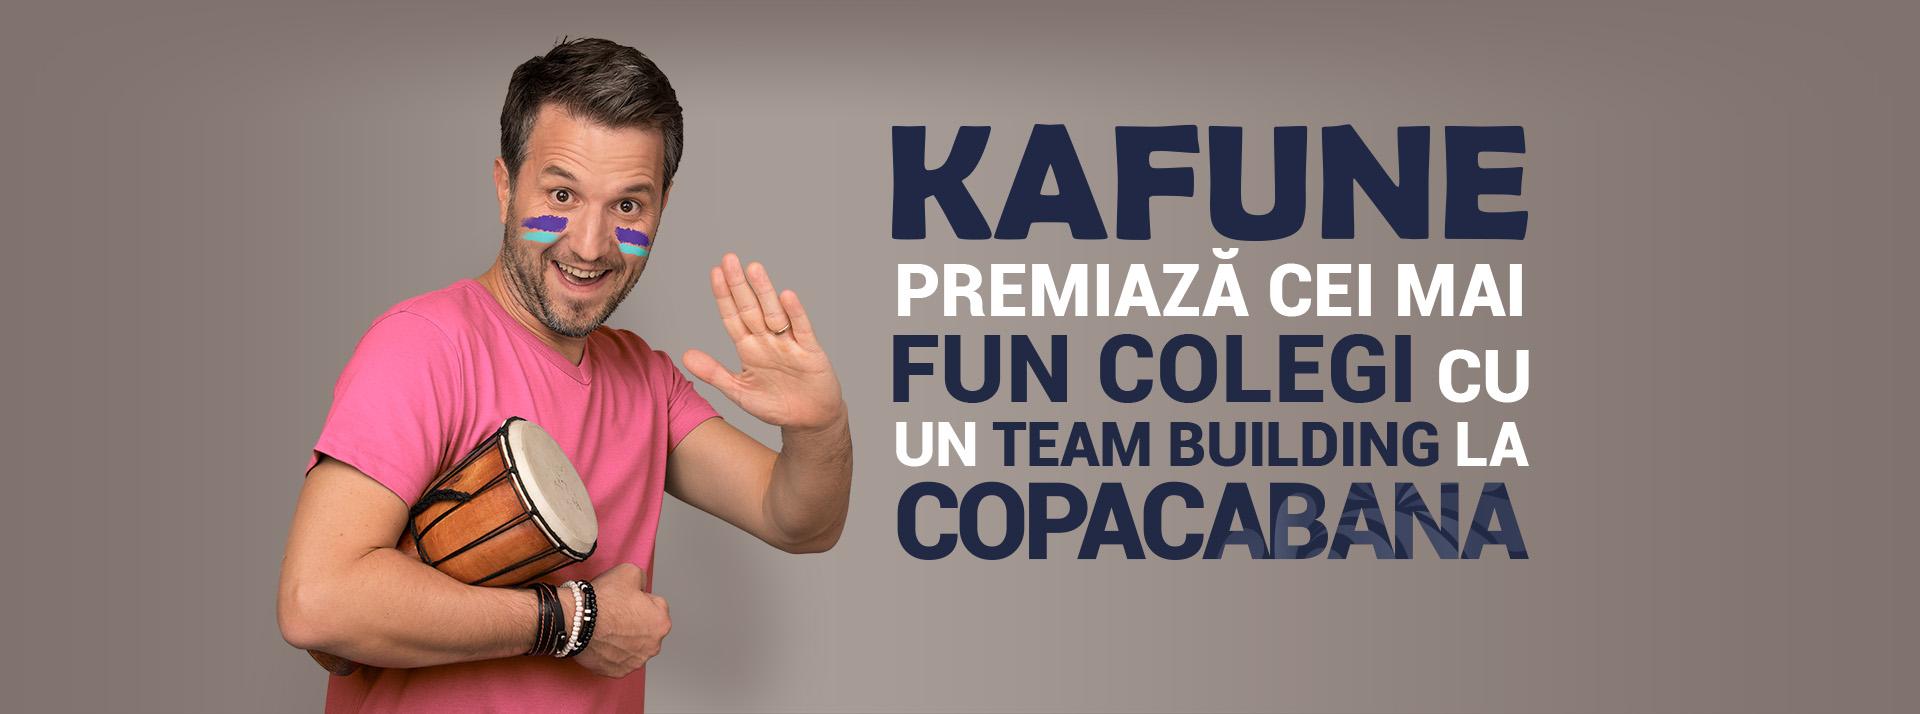 KAFUNE - TEAM BUILDING - COPACABANA